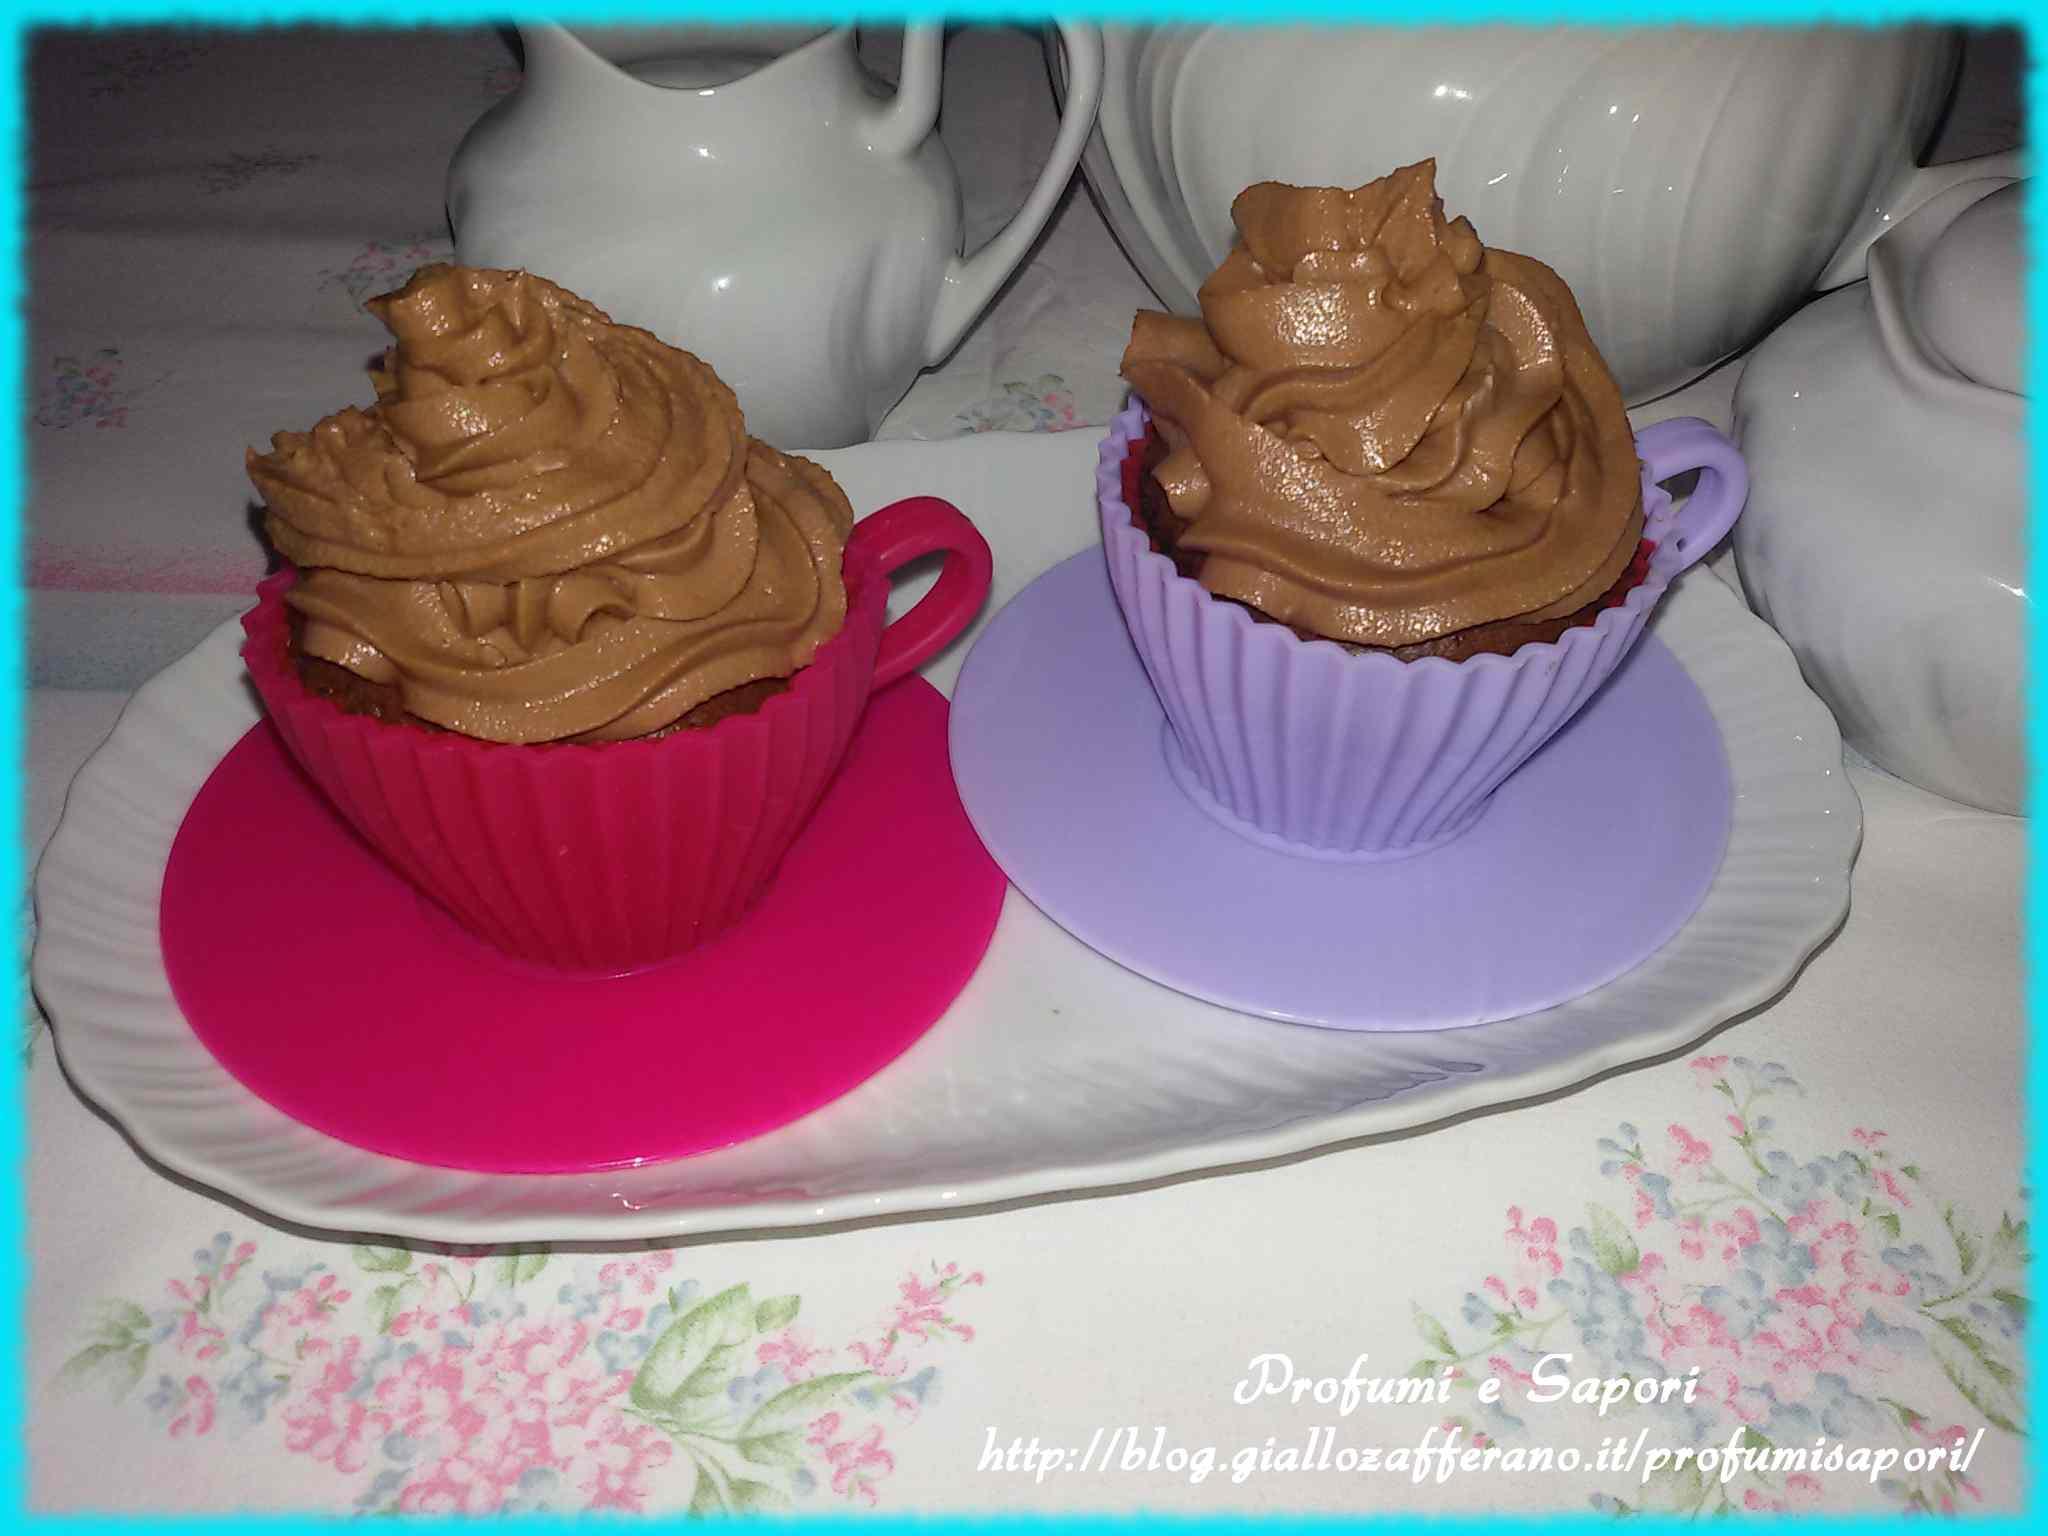 Cupcake al mascarpone e nutella